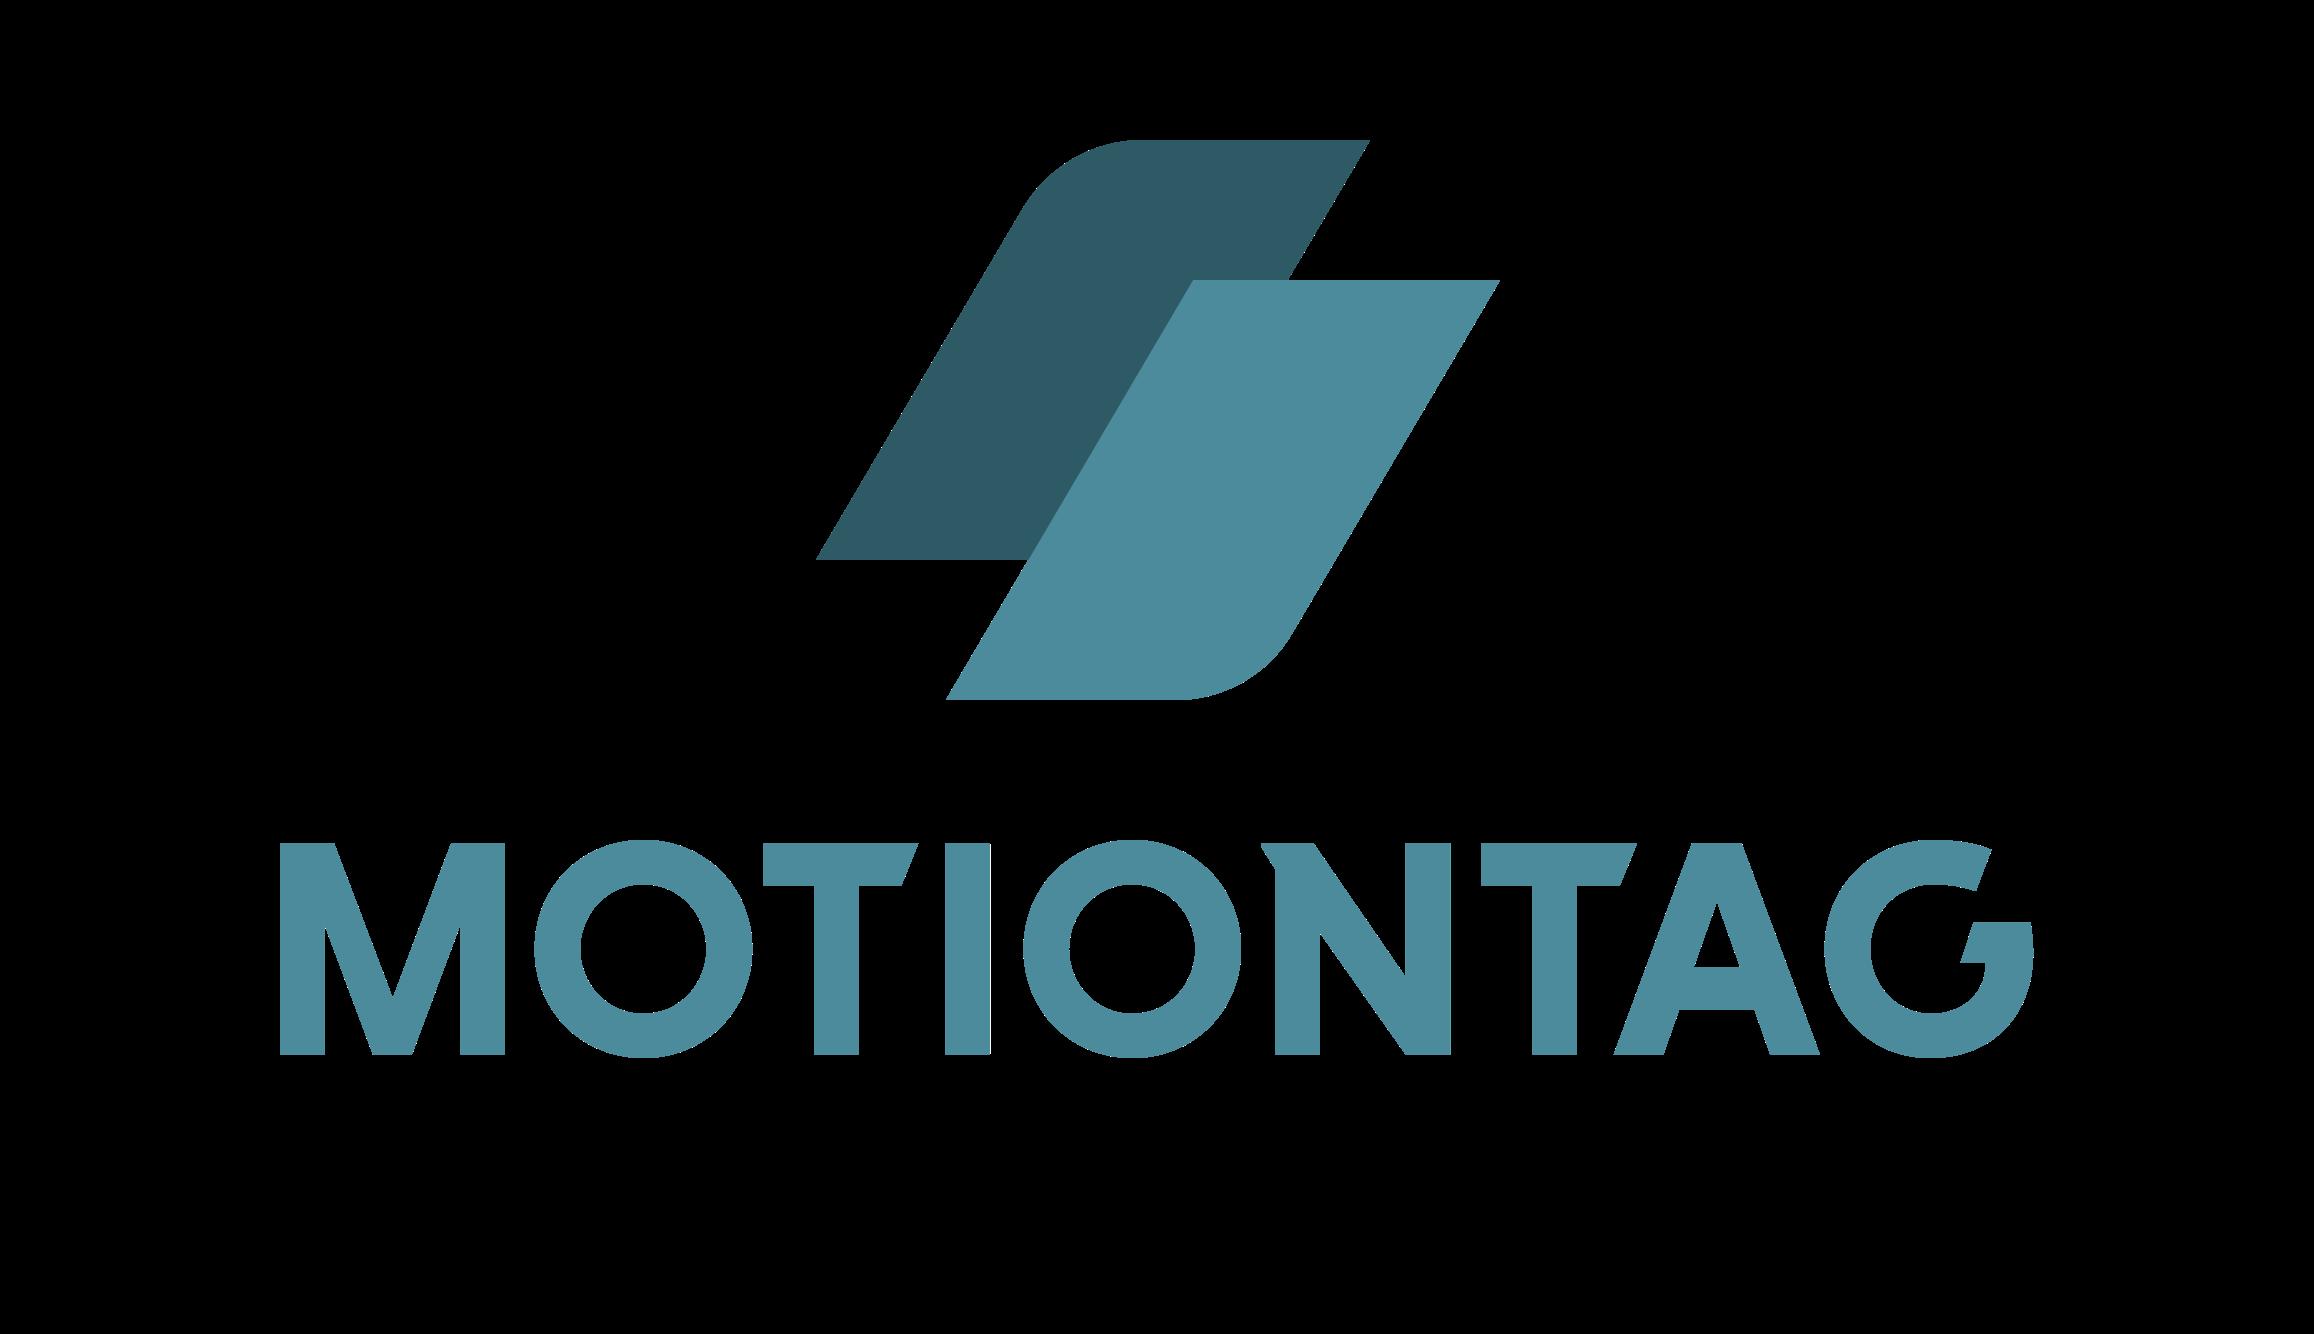 motiontag logo new